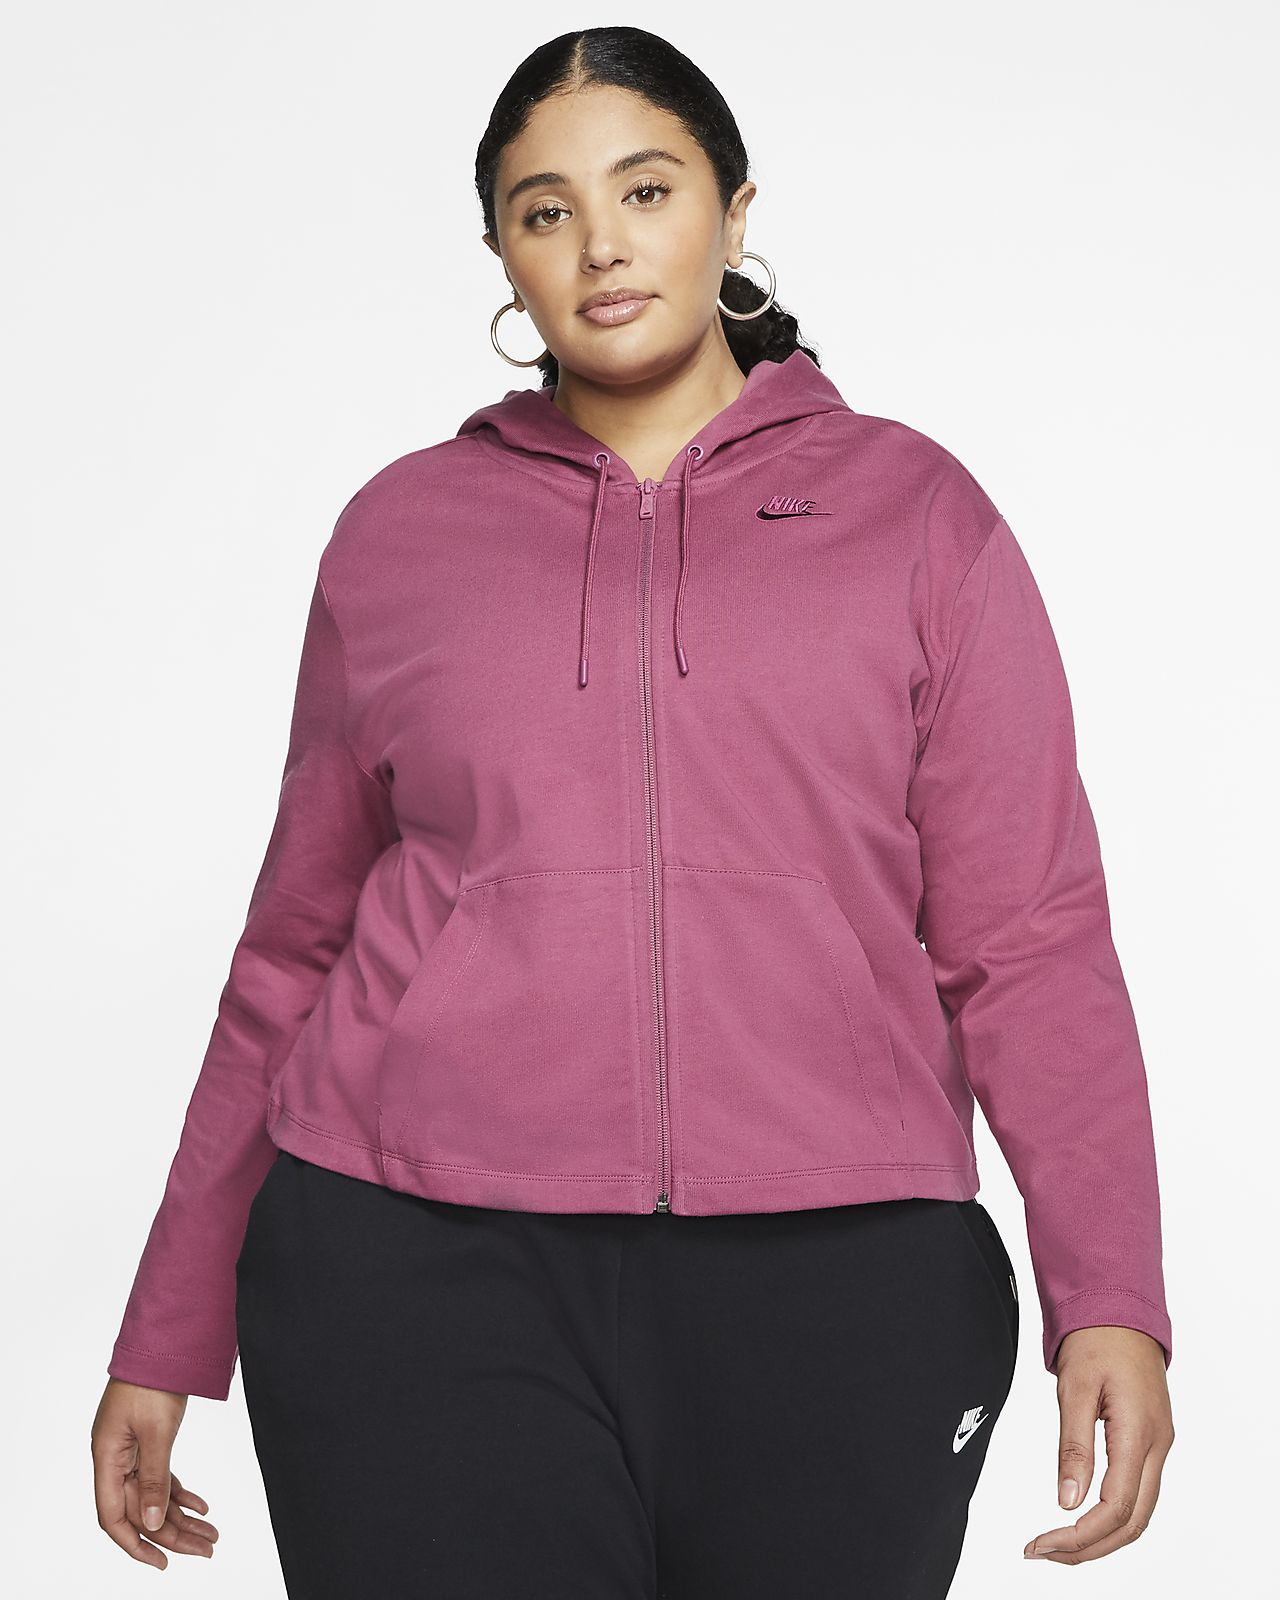 Huvtröja Nike Sportswear med hel dragkedja för kvinnor (Plus Size)